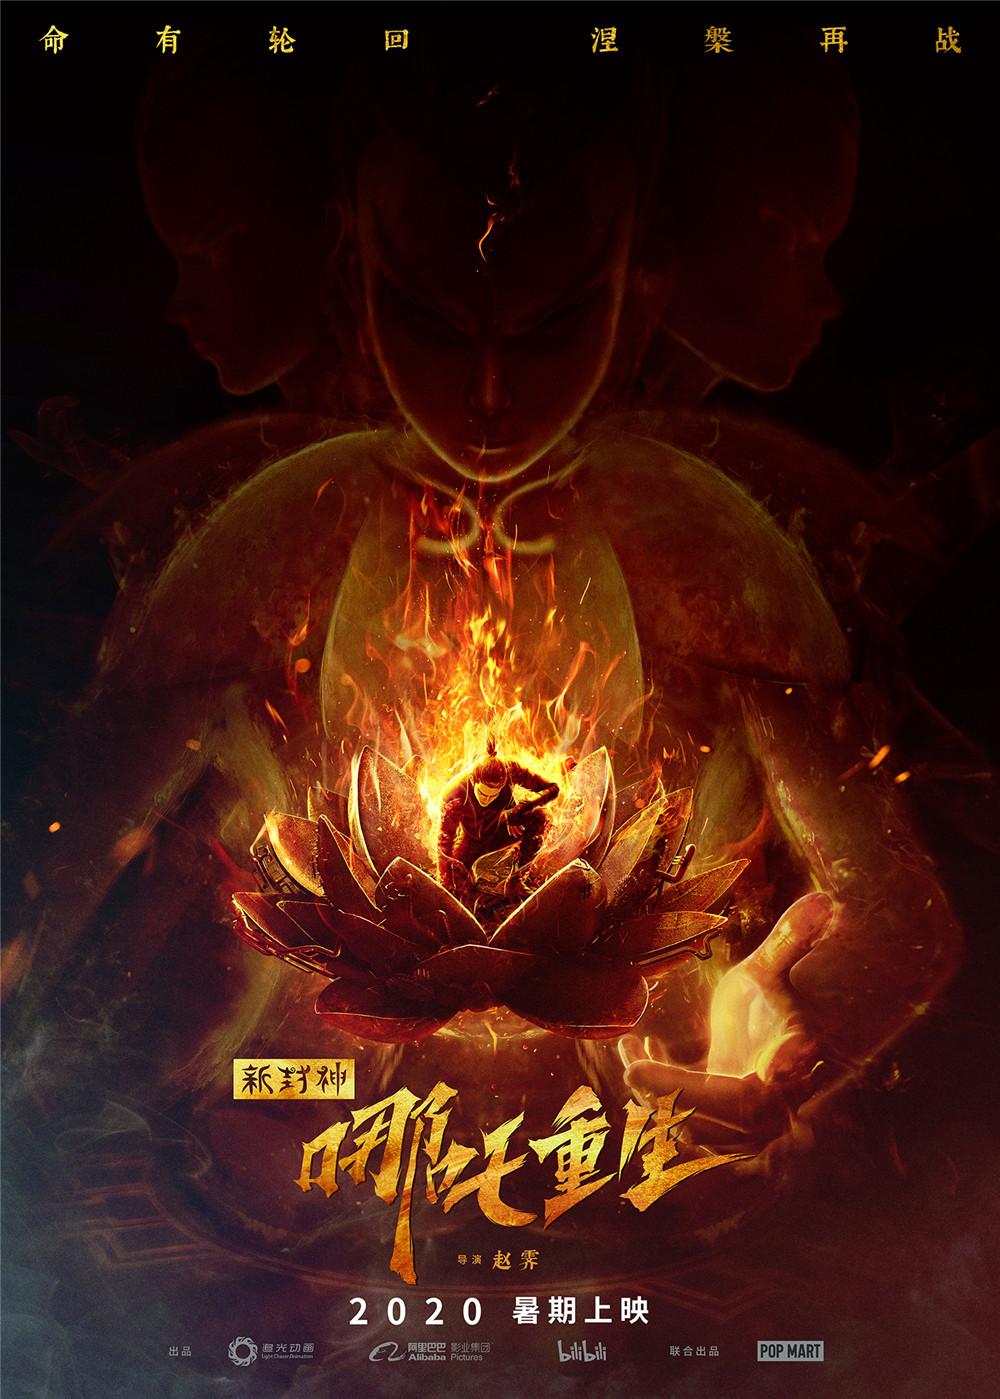 """《新封神:哪吒重生》曝光""""浴火重生""""版概念海报,宣布强势进军2020年暑期档"""